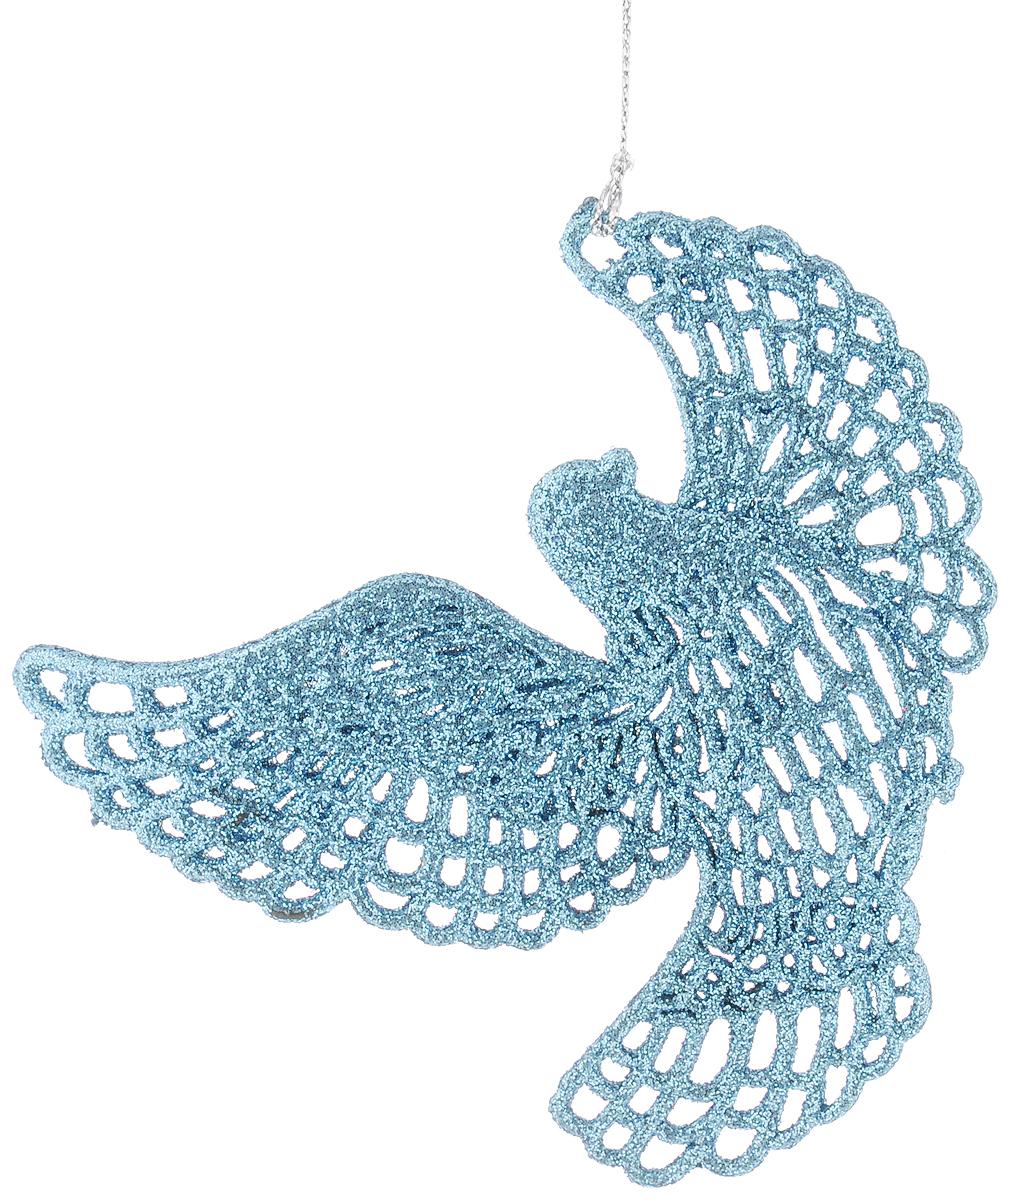 Украшение новогоднее подвесное Magic Time Небесная голубка 11,5 х 11,5 см42098Новогоднее подвесное украшение Magic Time Небесная голубка выполнено из полипропилена в виде голубки и украшено блестками. С помощью специальной петельки украшение можно повесить в любом понравившемся вам месте. Но, конечно, удачнее всего оно будет смотреться на праздничной елке.Елочная игрушка - символ Нового года. Она несет в себе волшебство и красоту праздника. Создайте в своем доме атмосферу веселья и радости, украшая новогоднюю елку нарядными игрушками, которые будут из года в год накапливать теплоту воспоминаний.